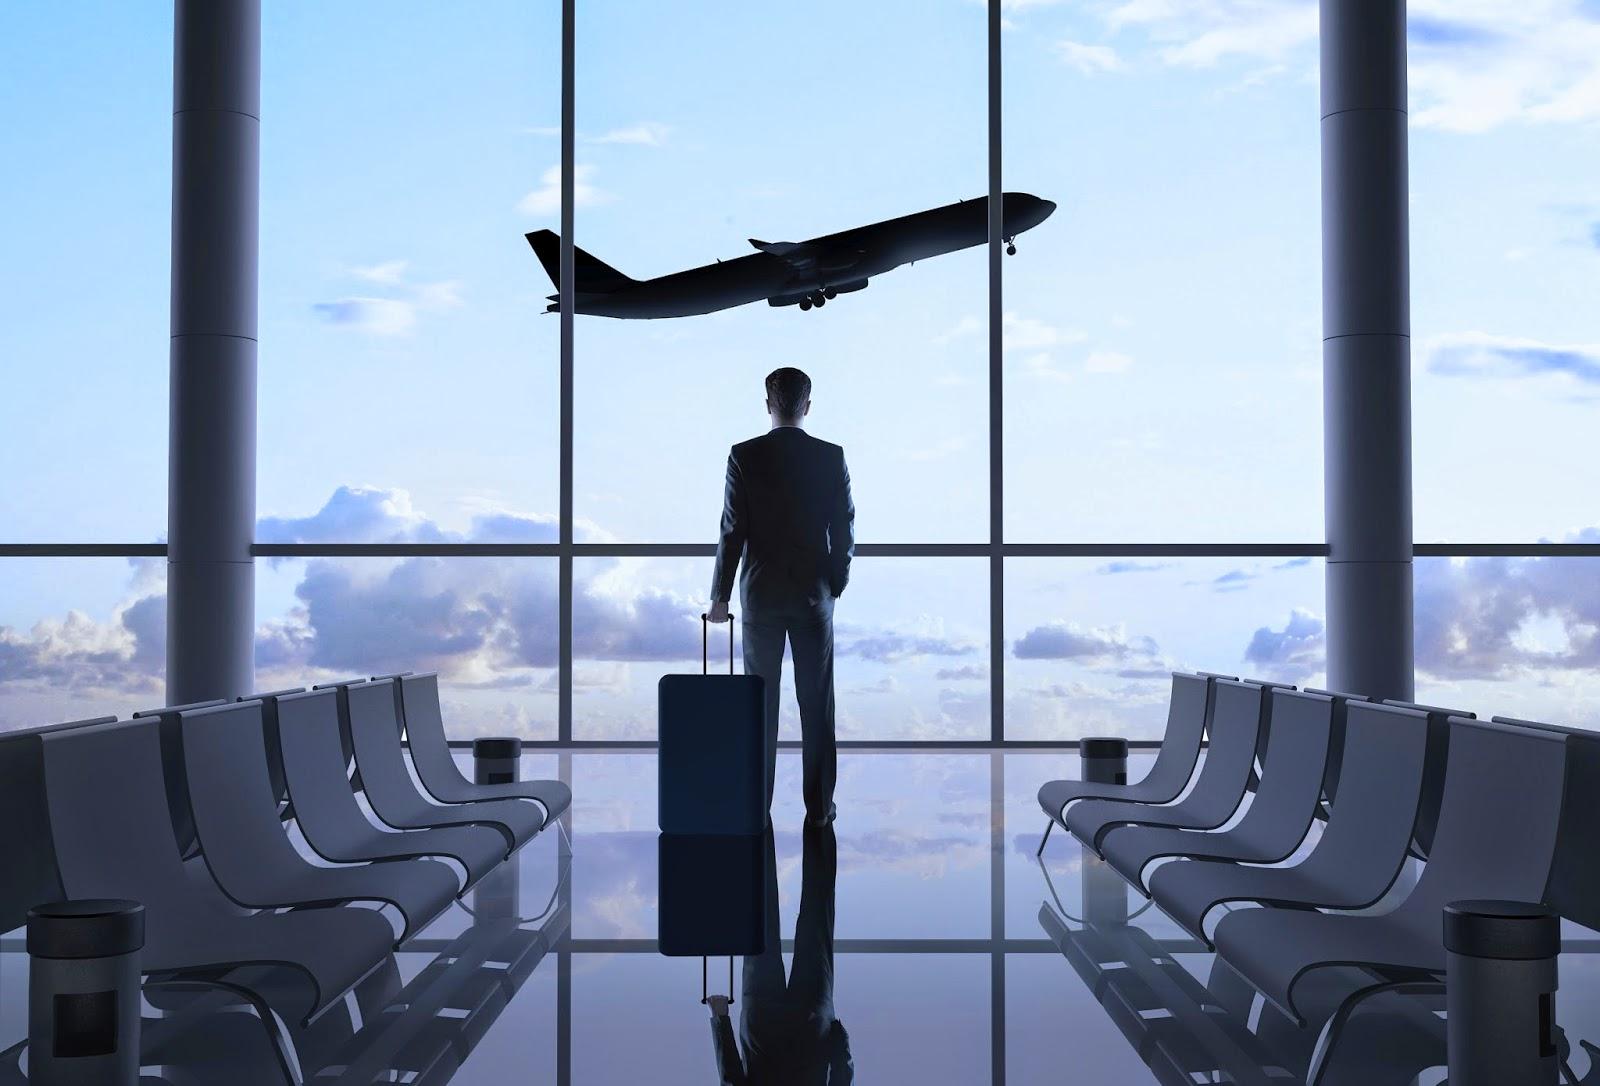 Hạn chế tối đa chậm chuyến, hủy chuyến bay dịp Tết